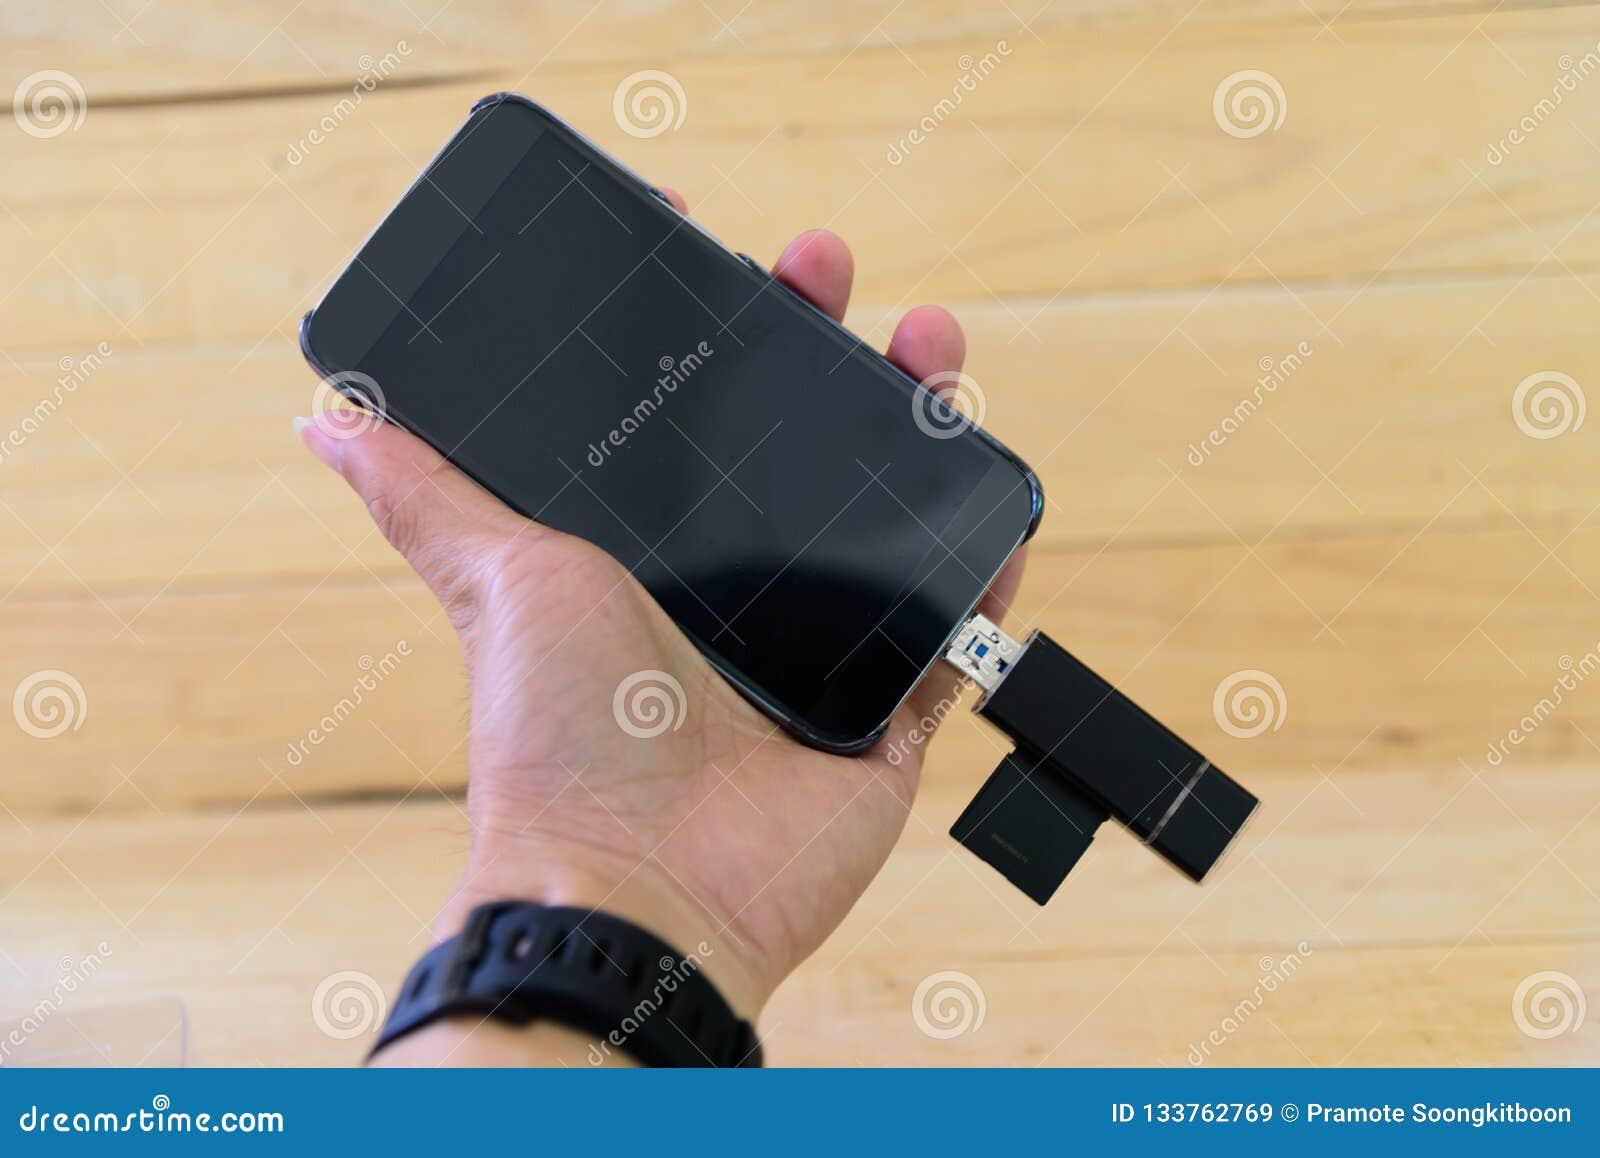 USB-kaartlezer voor mobiel